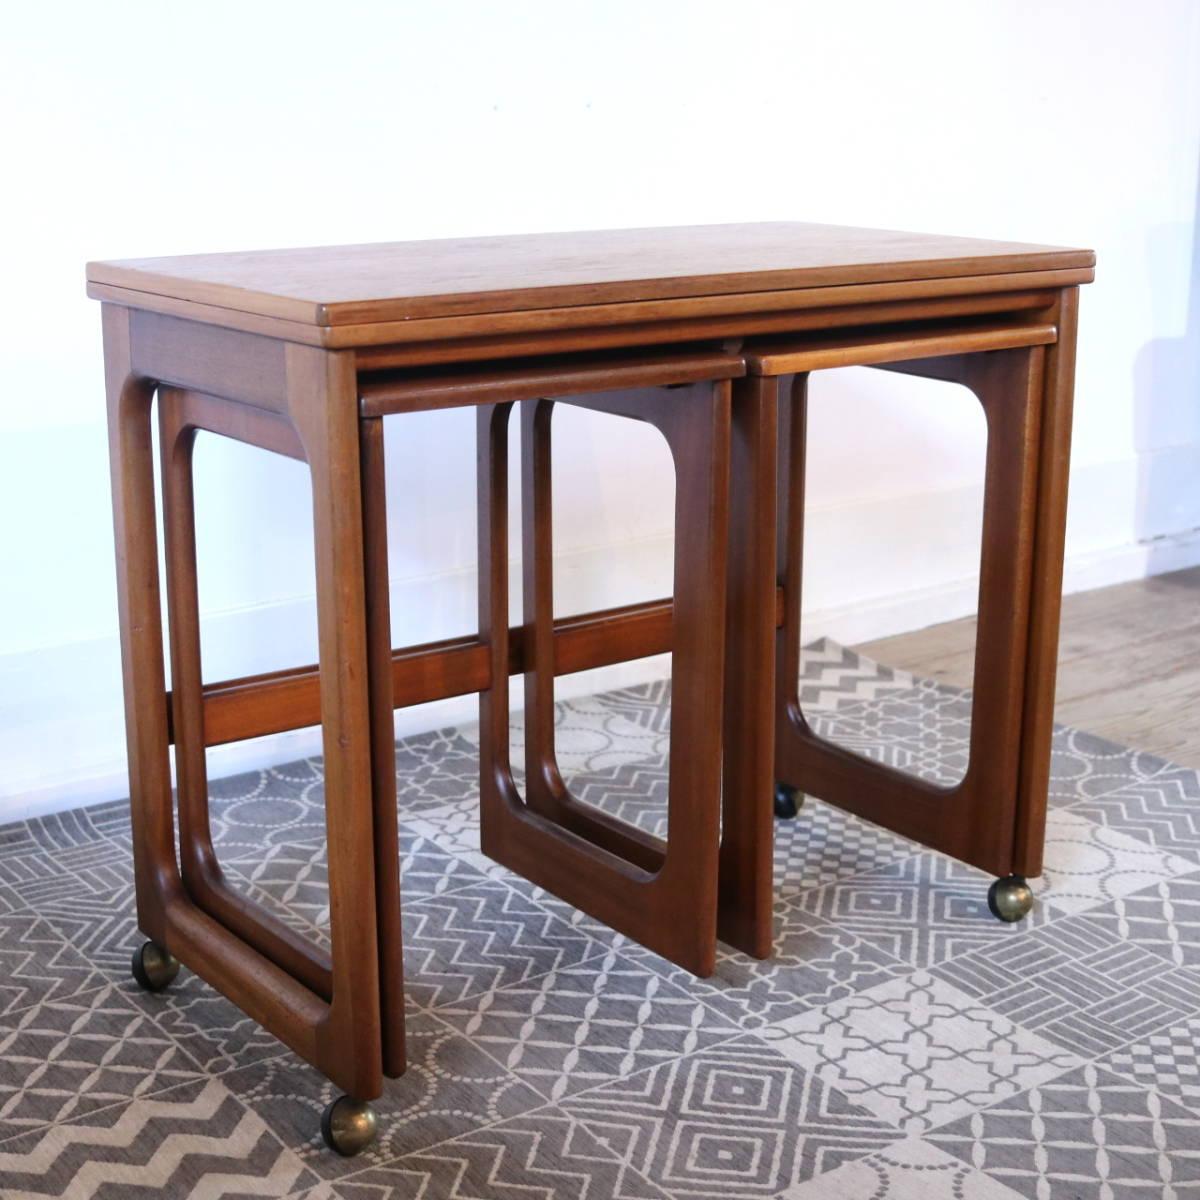 【天板剥離・再塗装メンテ済】イギリス McINTOSH社製 ビンテージ ネストテーブル/ERCOL G-PLAN アンティーク コーヒーテーブル 北欧_画像2